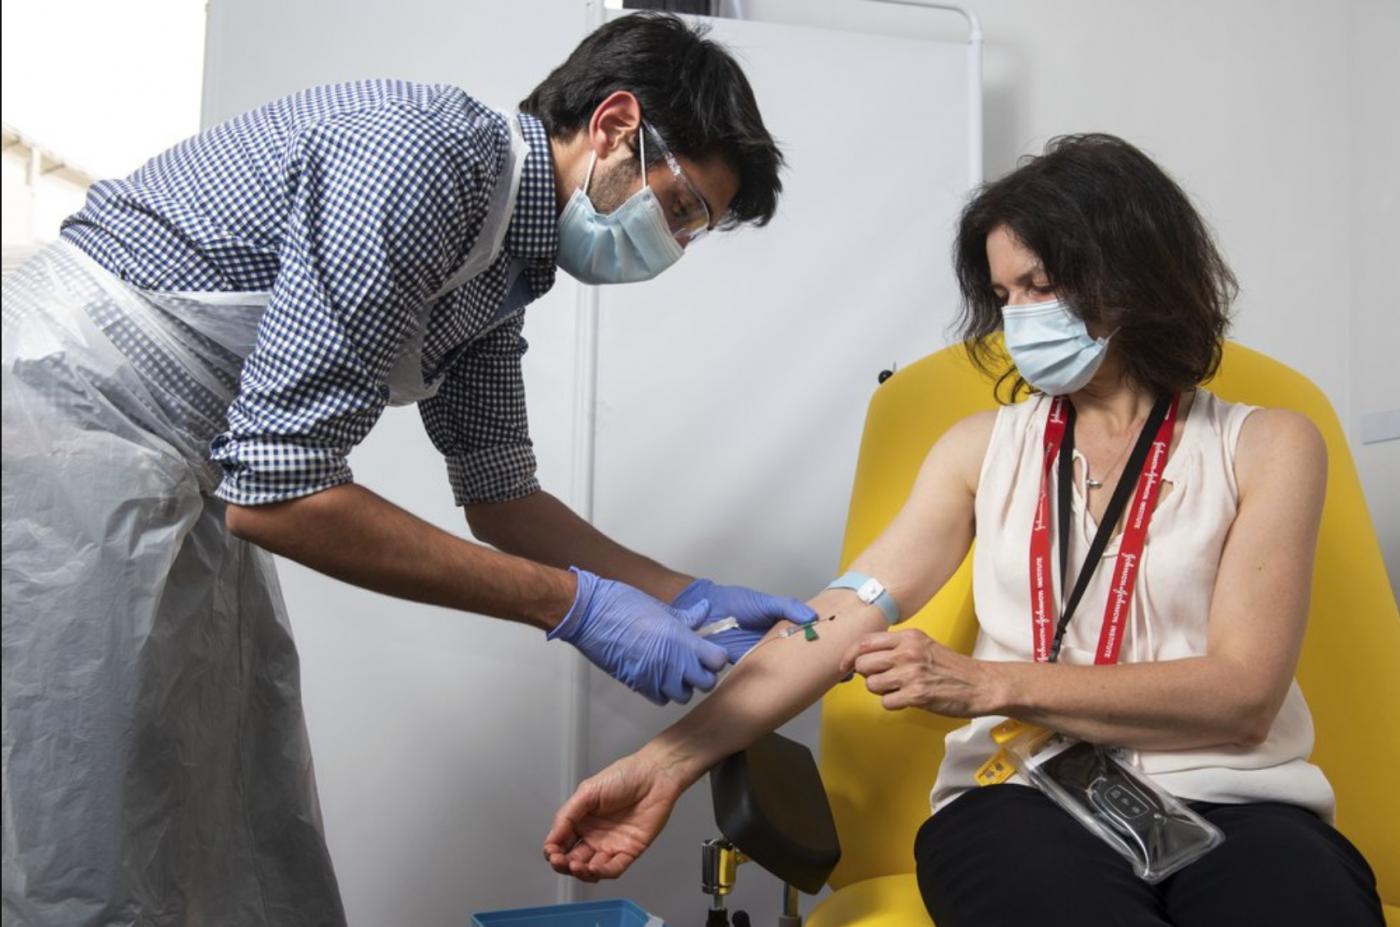 又一好消息:第三个新冠疫苗出现了_图1-1